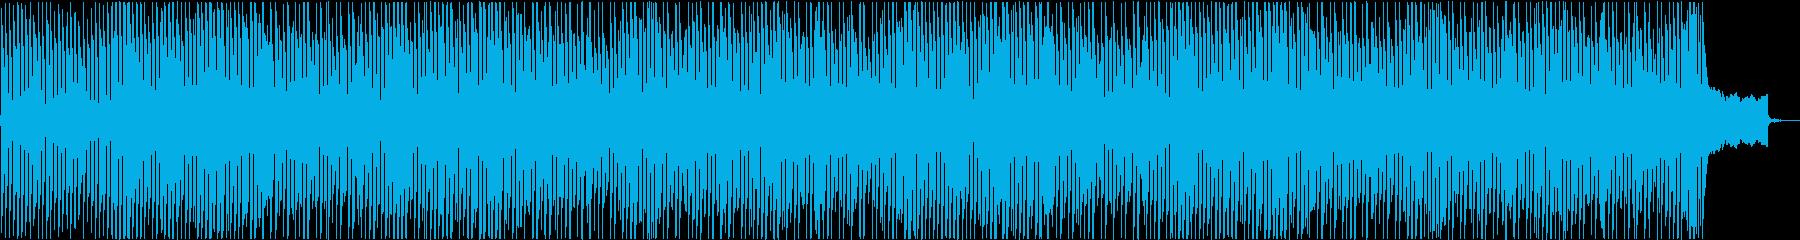 感動的なアコースティックポップ・メロ無しの再生済みの波形